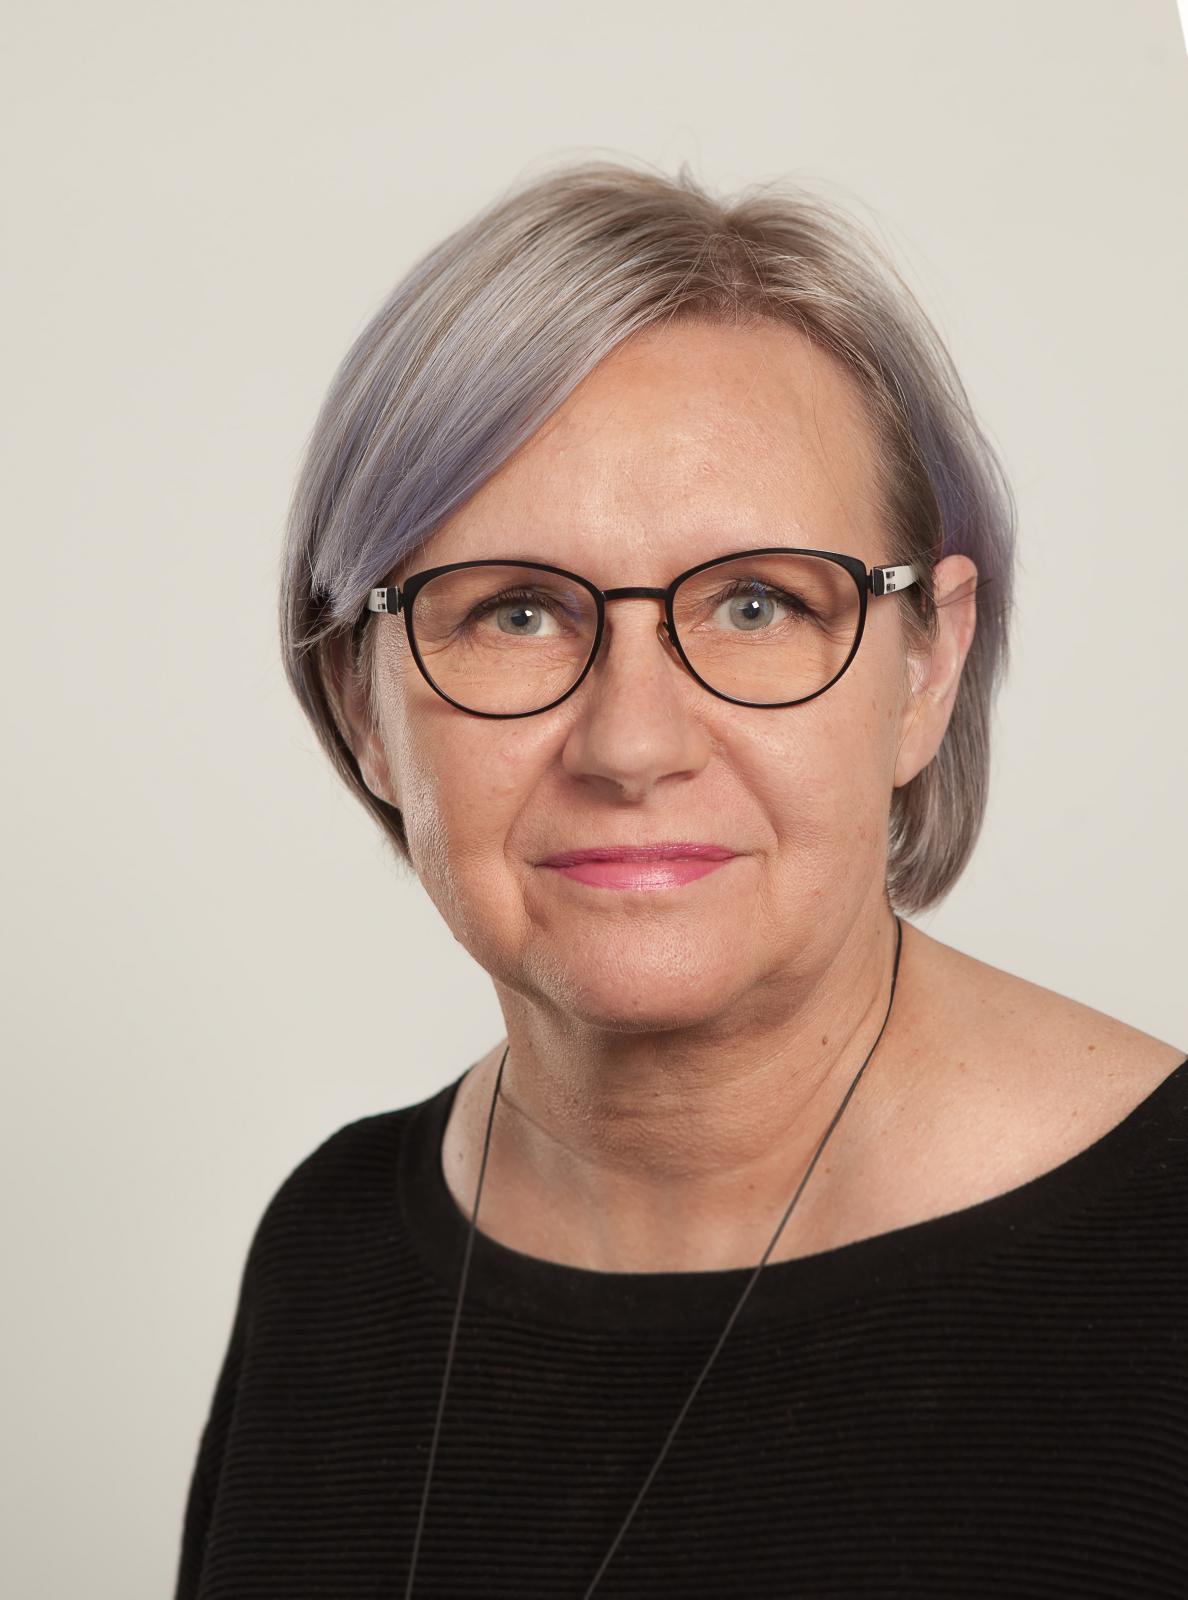 Reija Kaskimäki